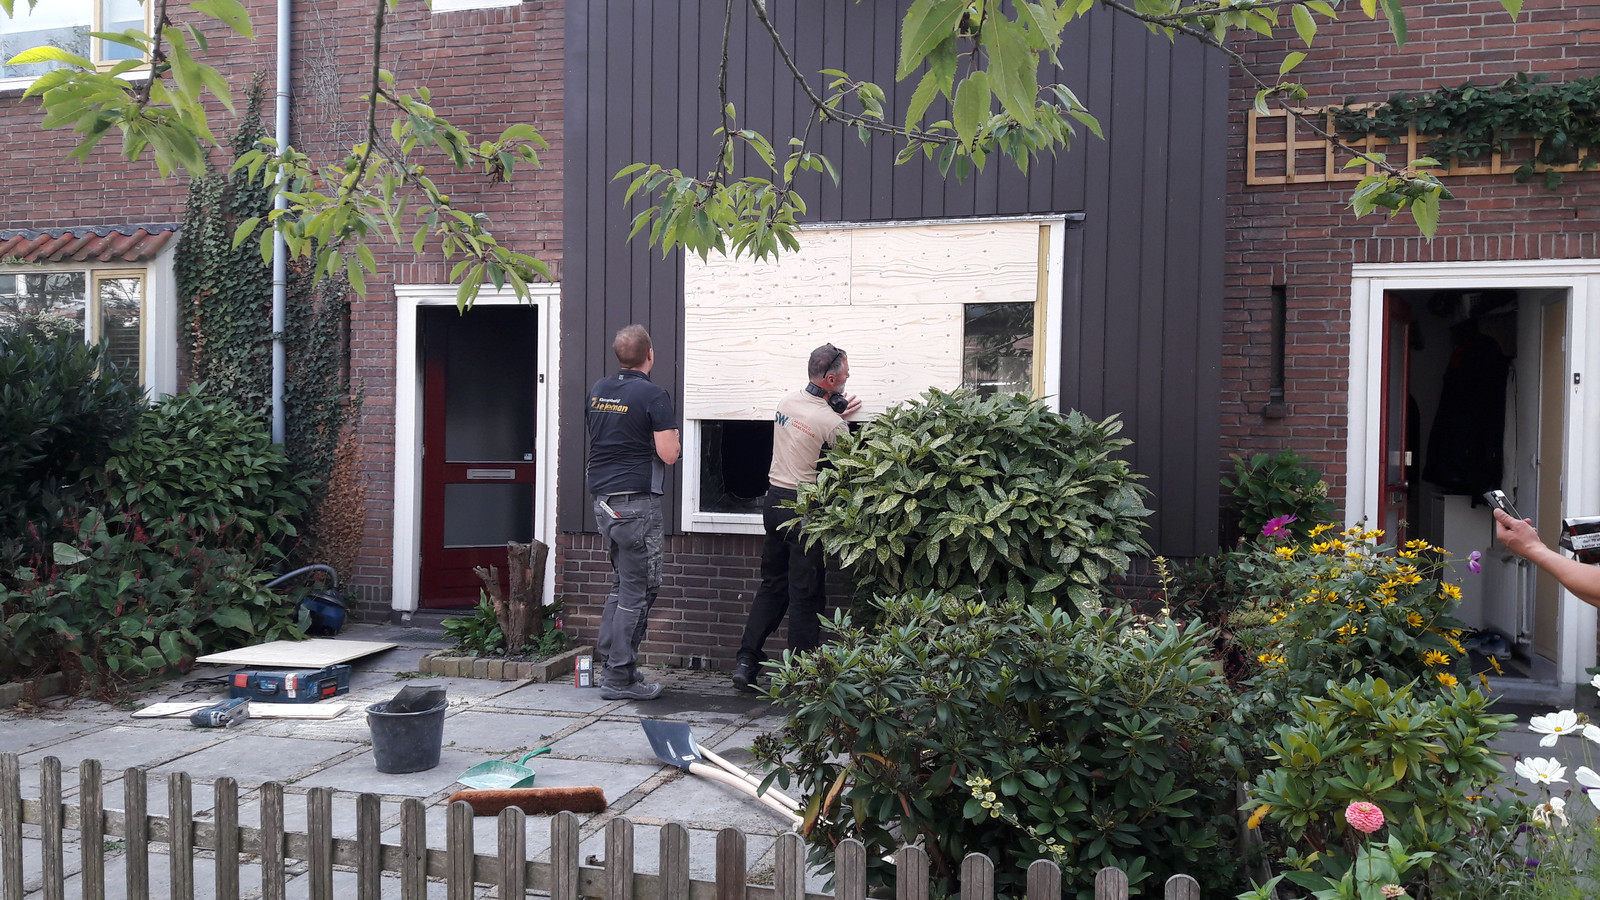 Het kapotte raam wordt dichtgetimmerd bij het huis aan de Seringenstraat in Zwolle.